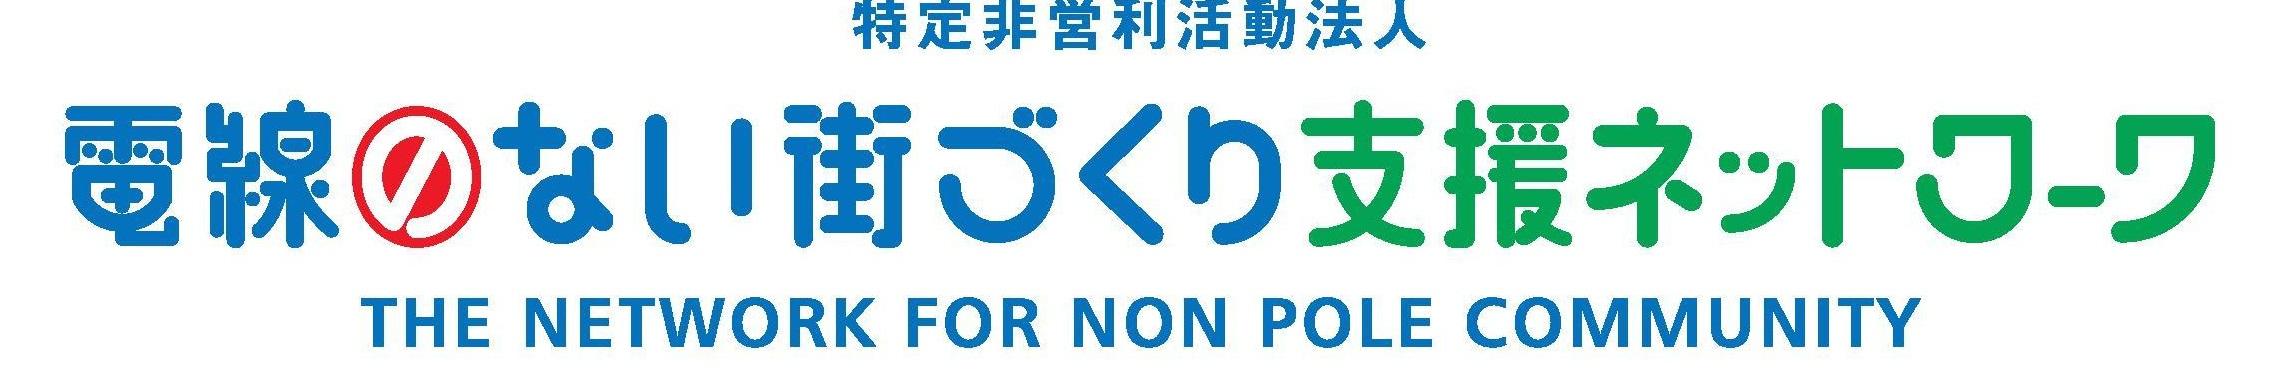 NPO法人 電線のない街づくり支援ネットワーク